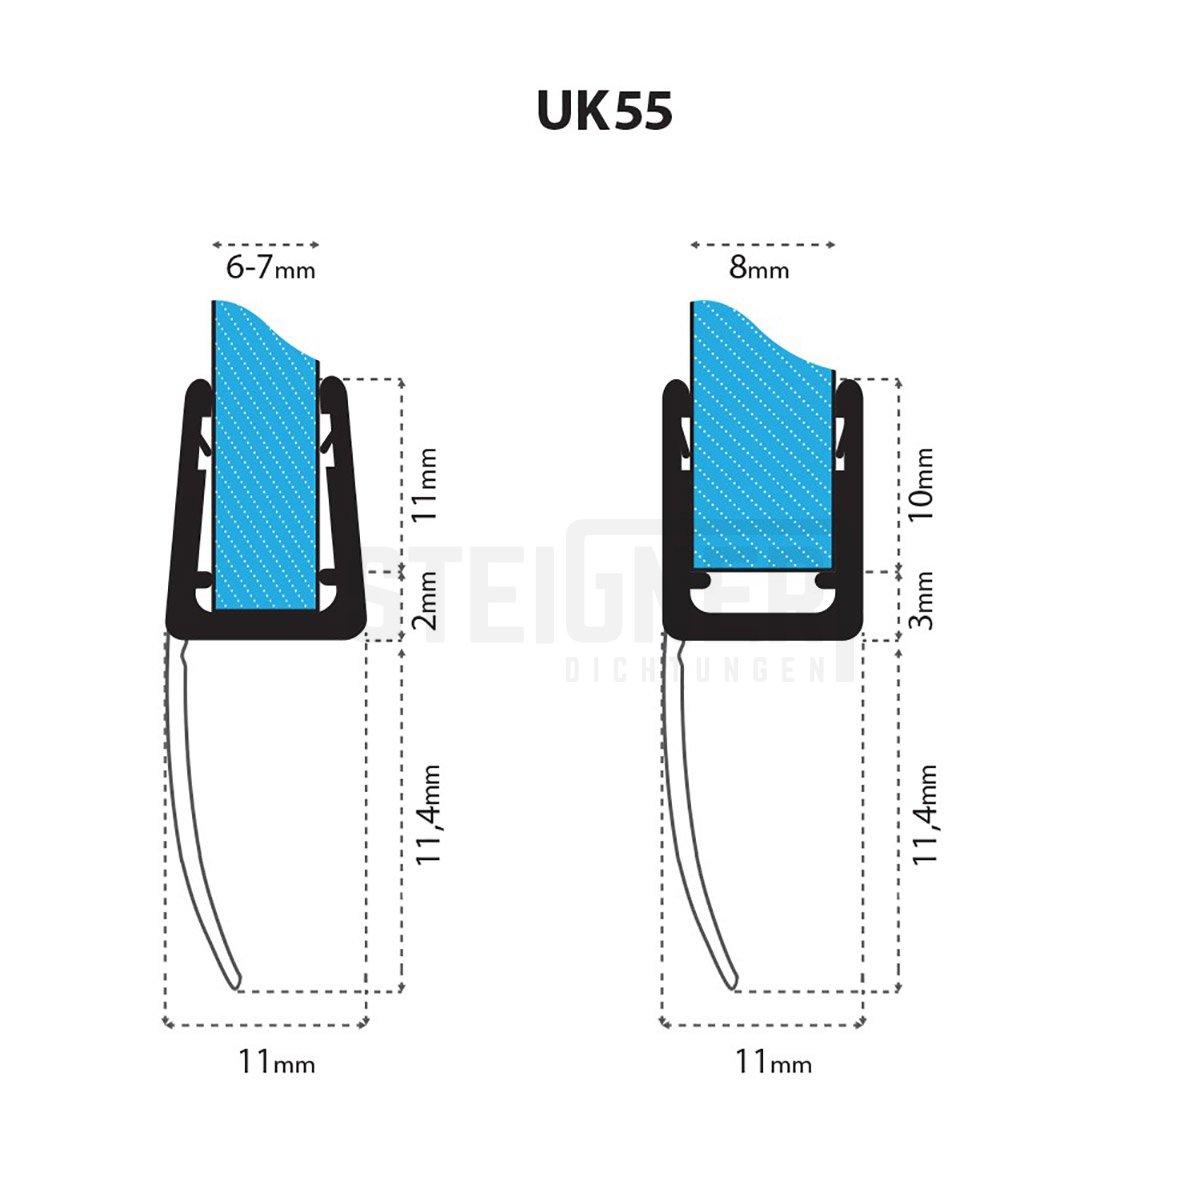 duschdichtung-UK55-tech-steigner